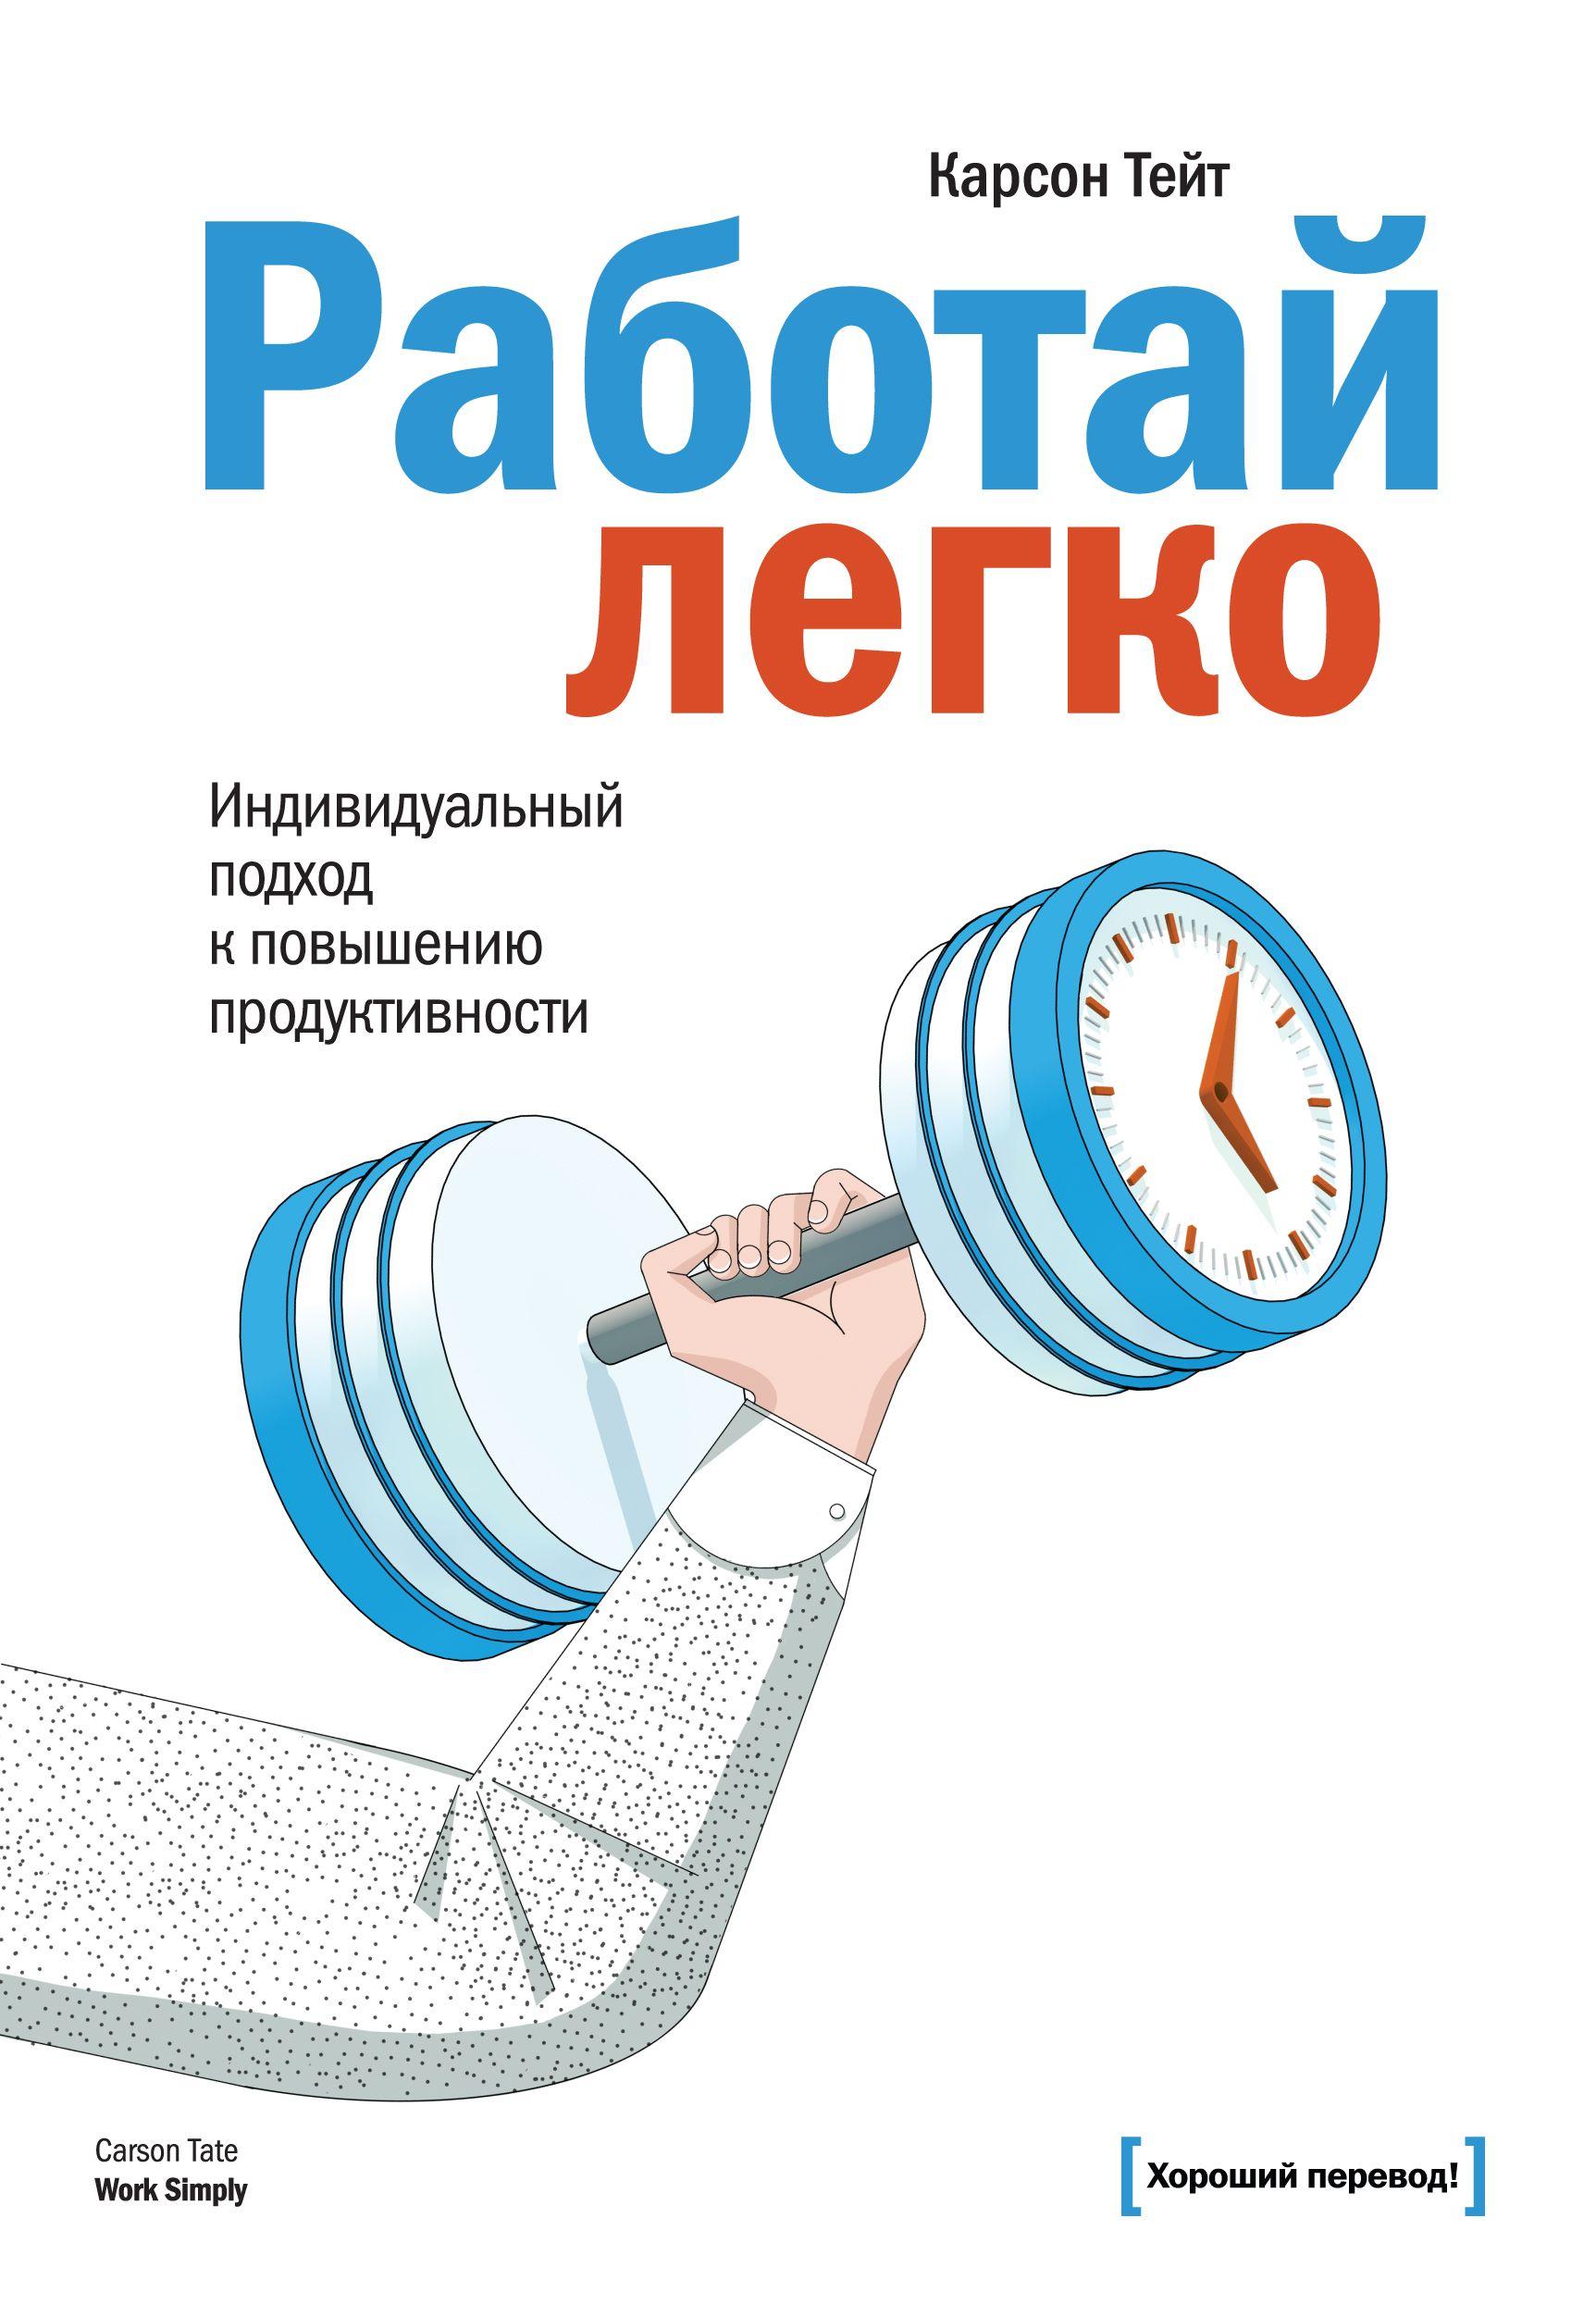 Контекстная реклама книги pdf